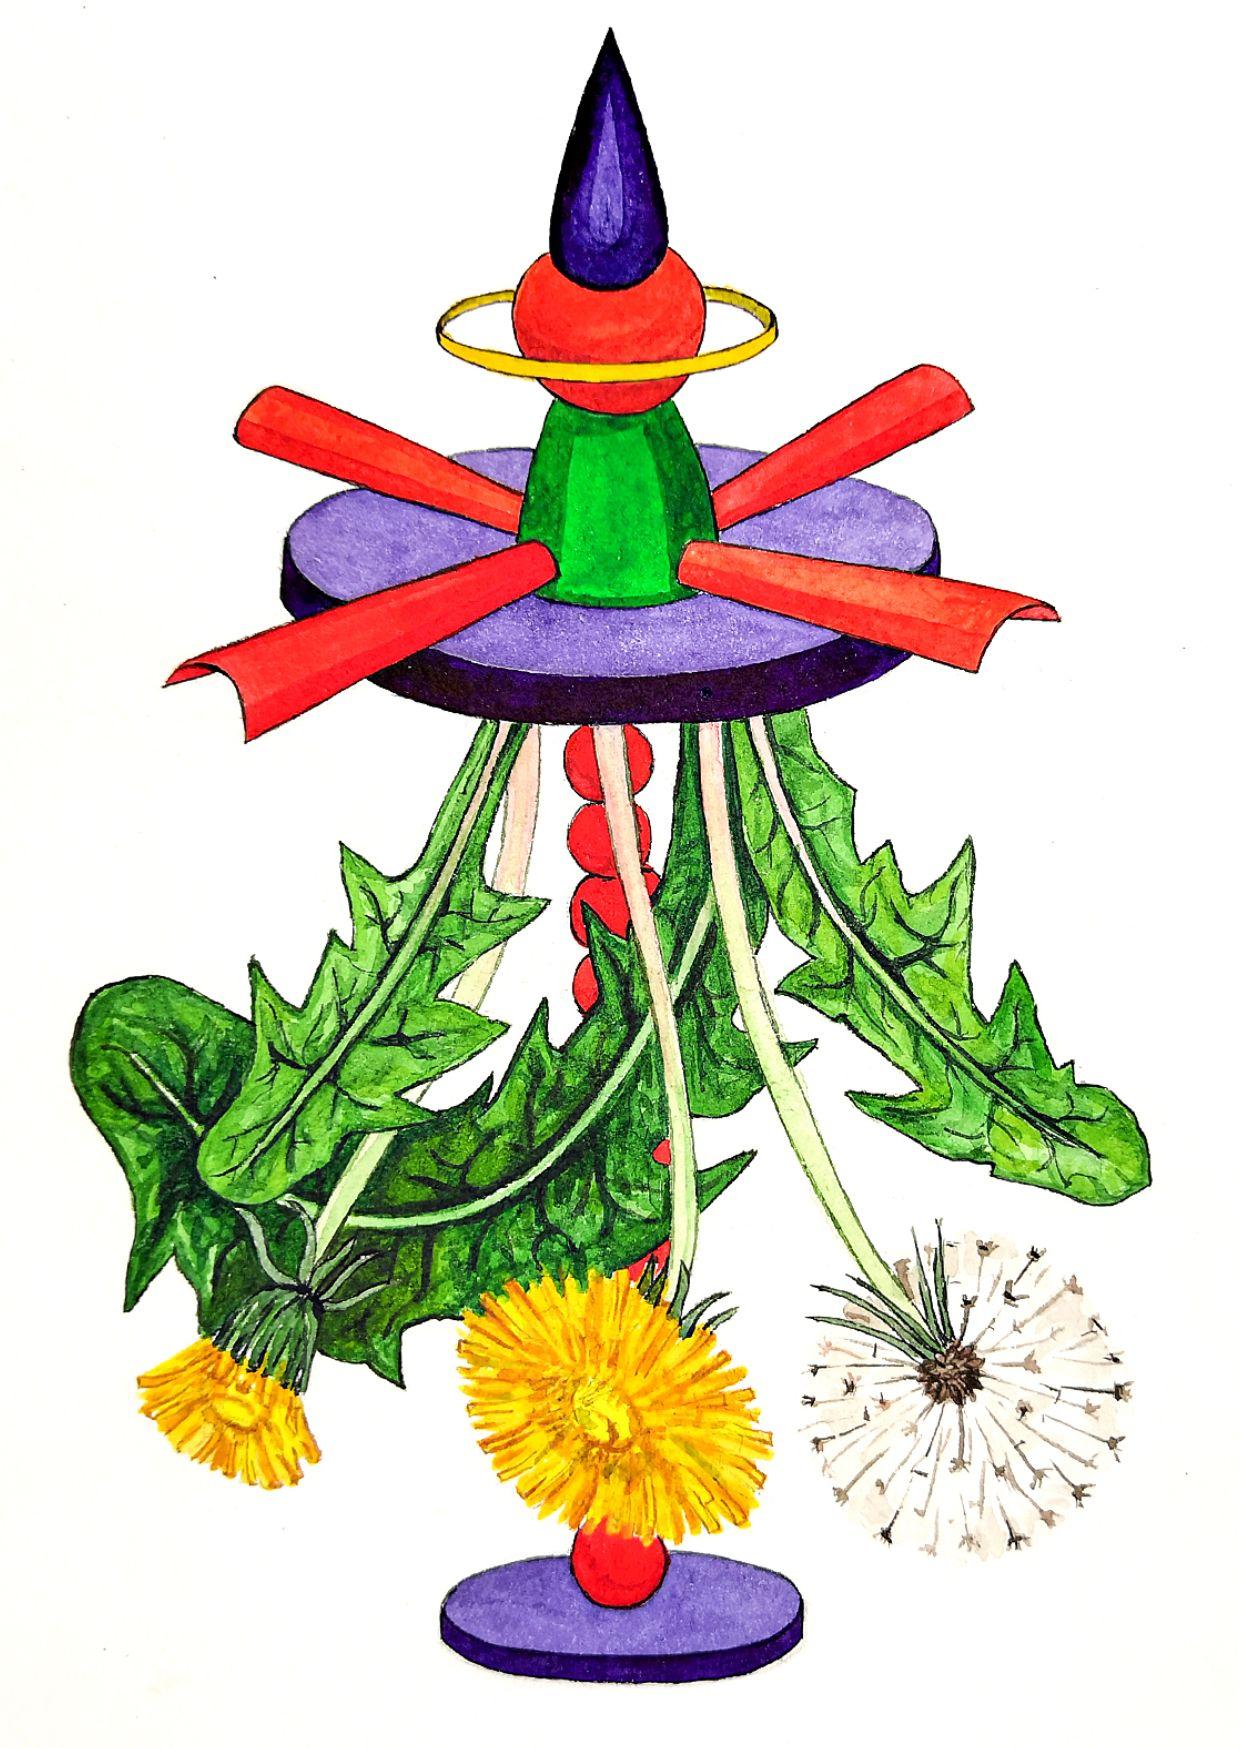 Юлия Шафаростова, из серии «Проекты неработающих фонтанов Бачикистана», 2020, акварель, акварельная бумага, 210х148 см